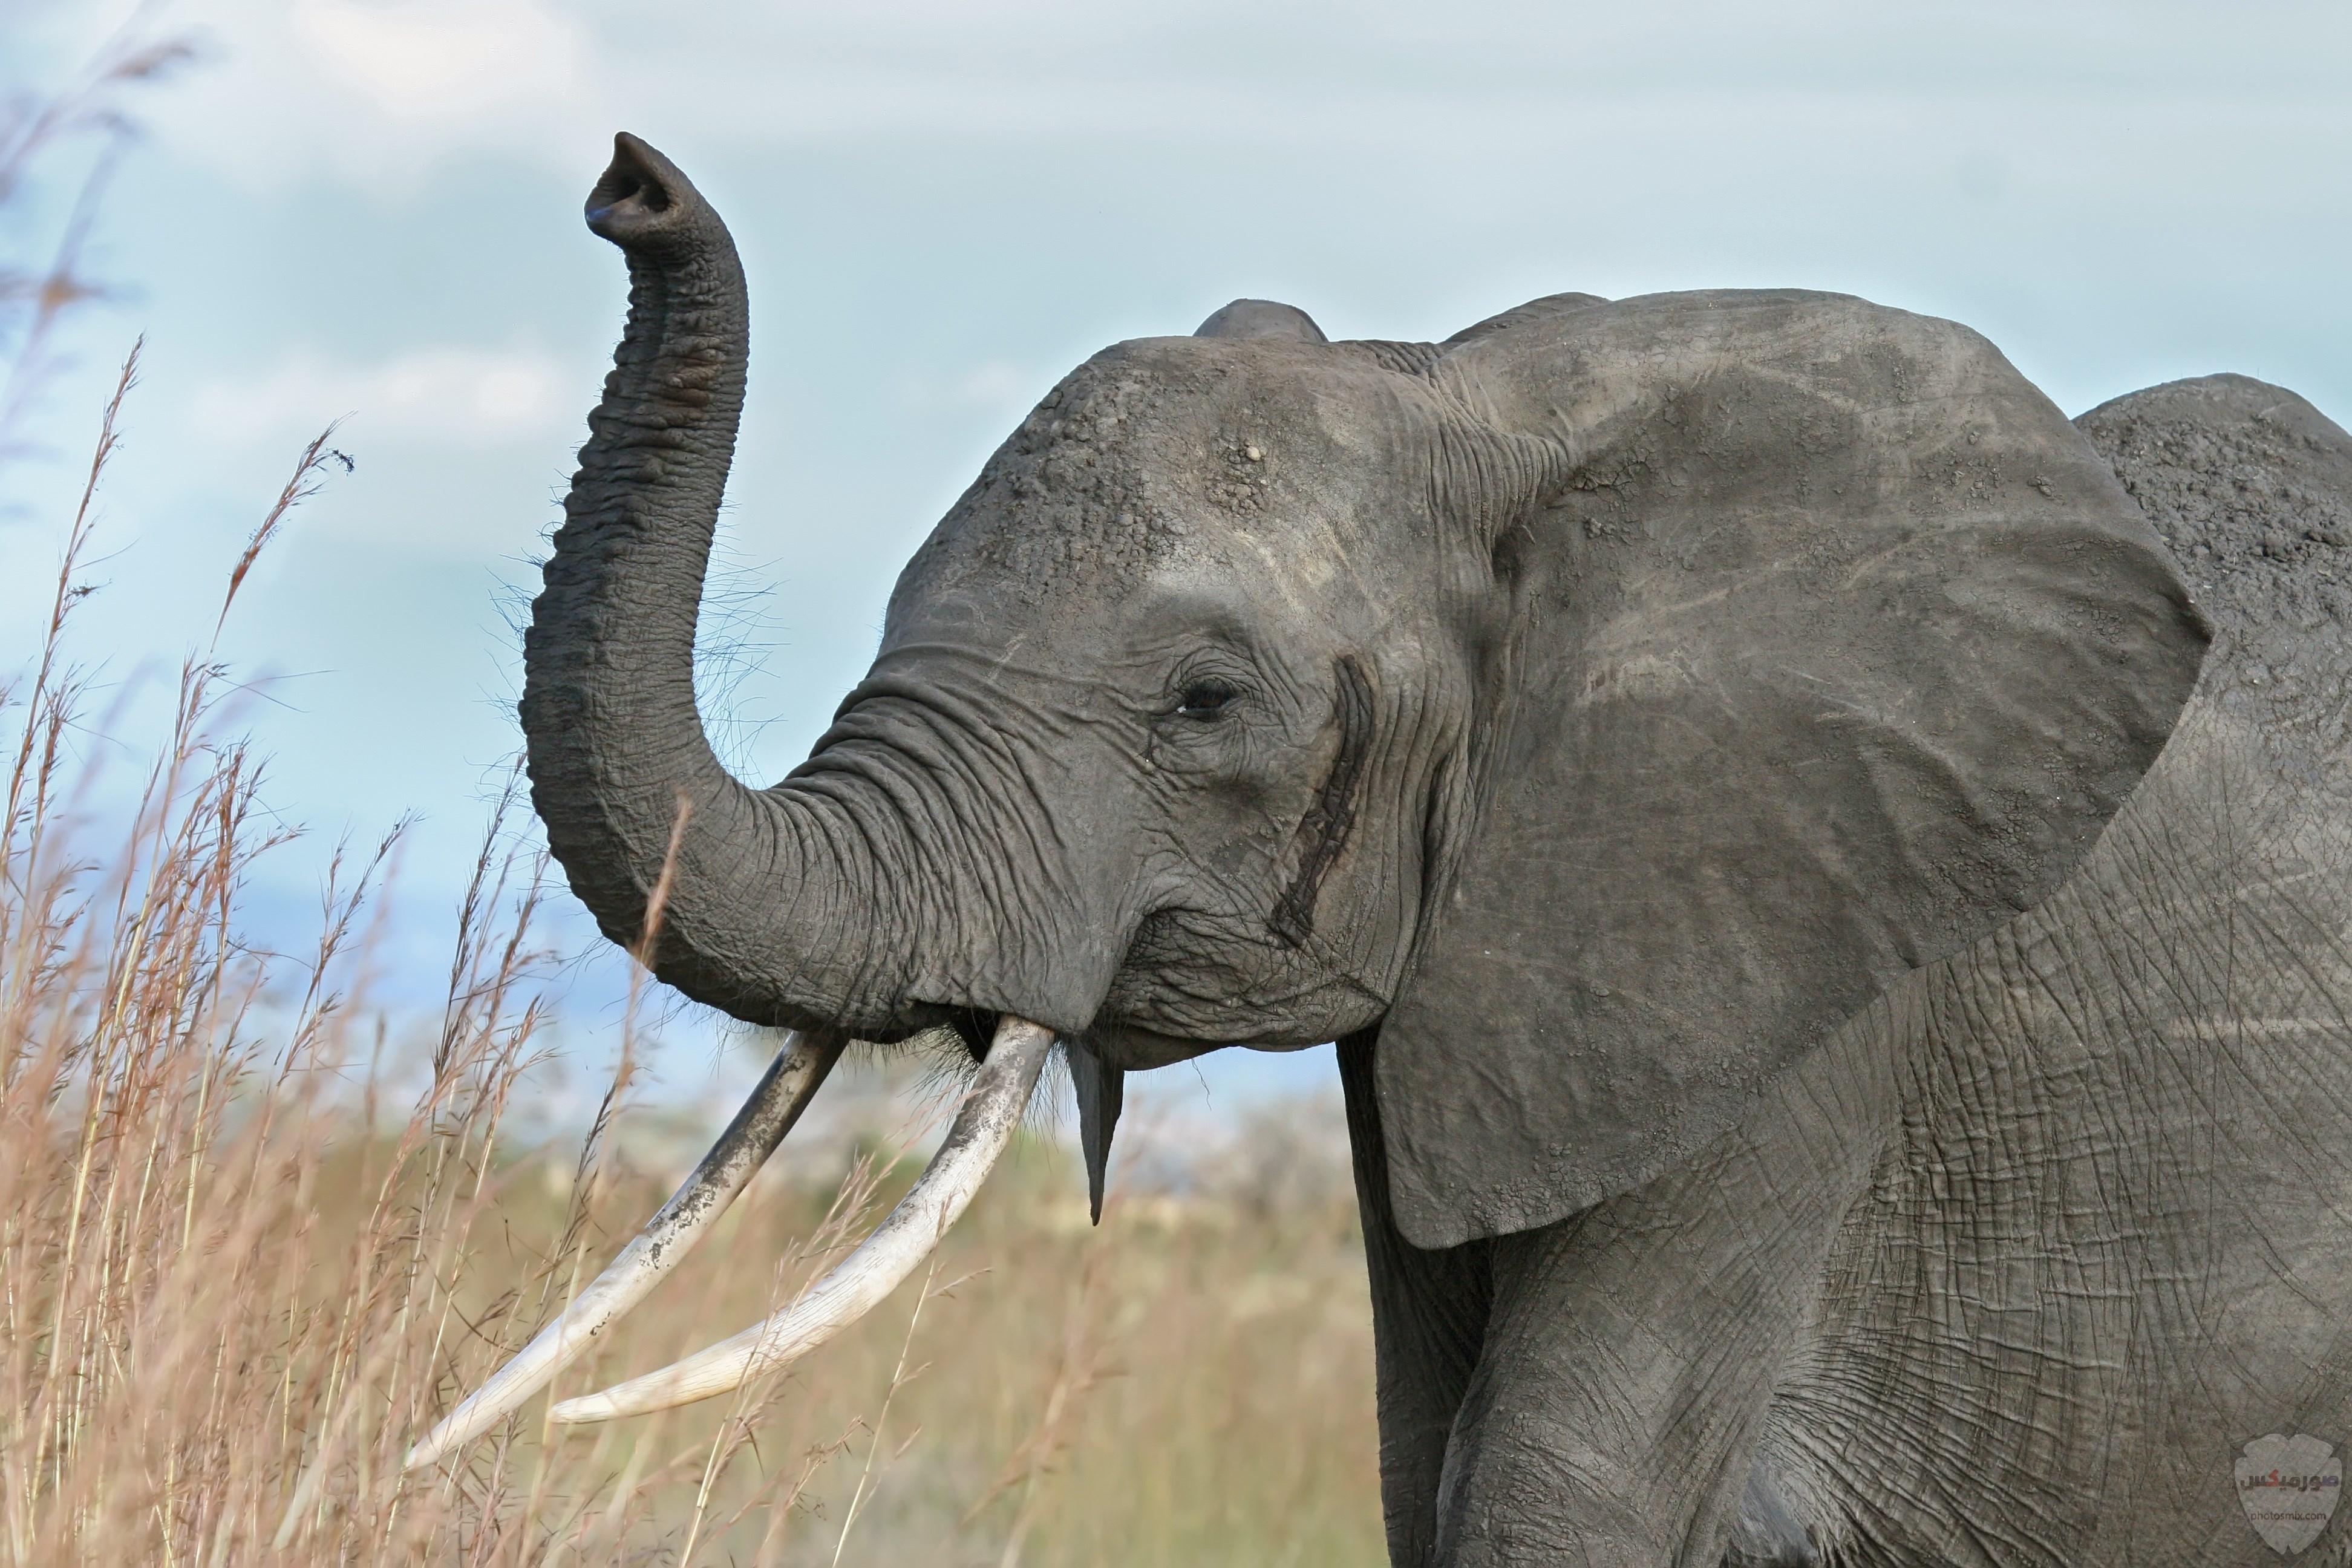 صور افيال أجمل صور فيل 2020 3